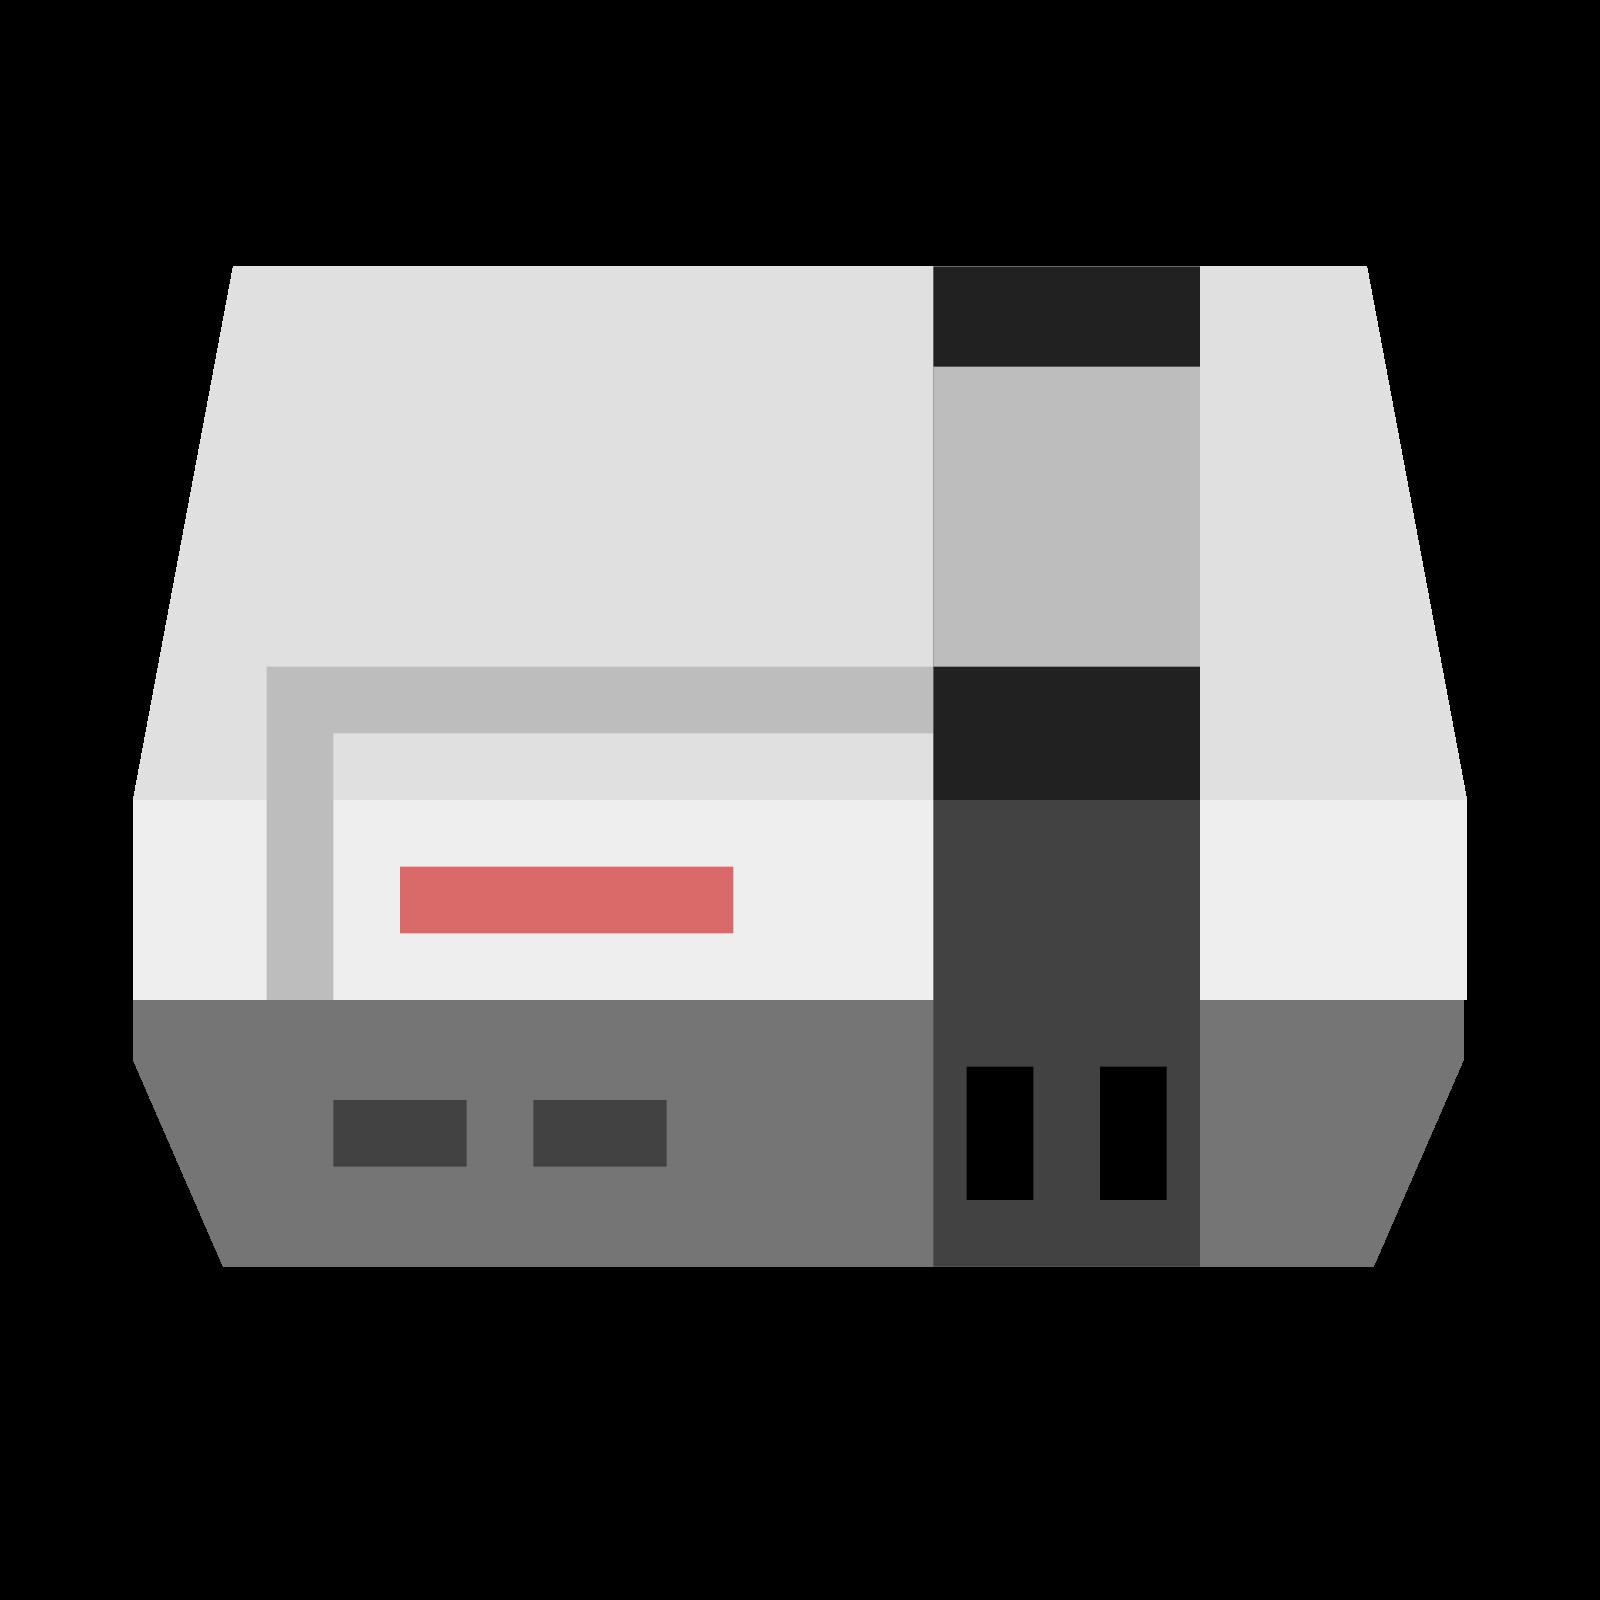 Nintendo Entertainment System icon